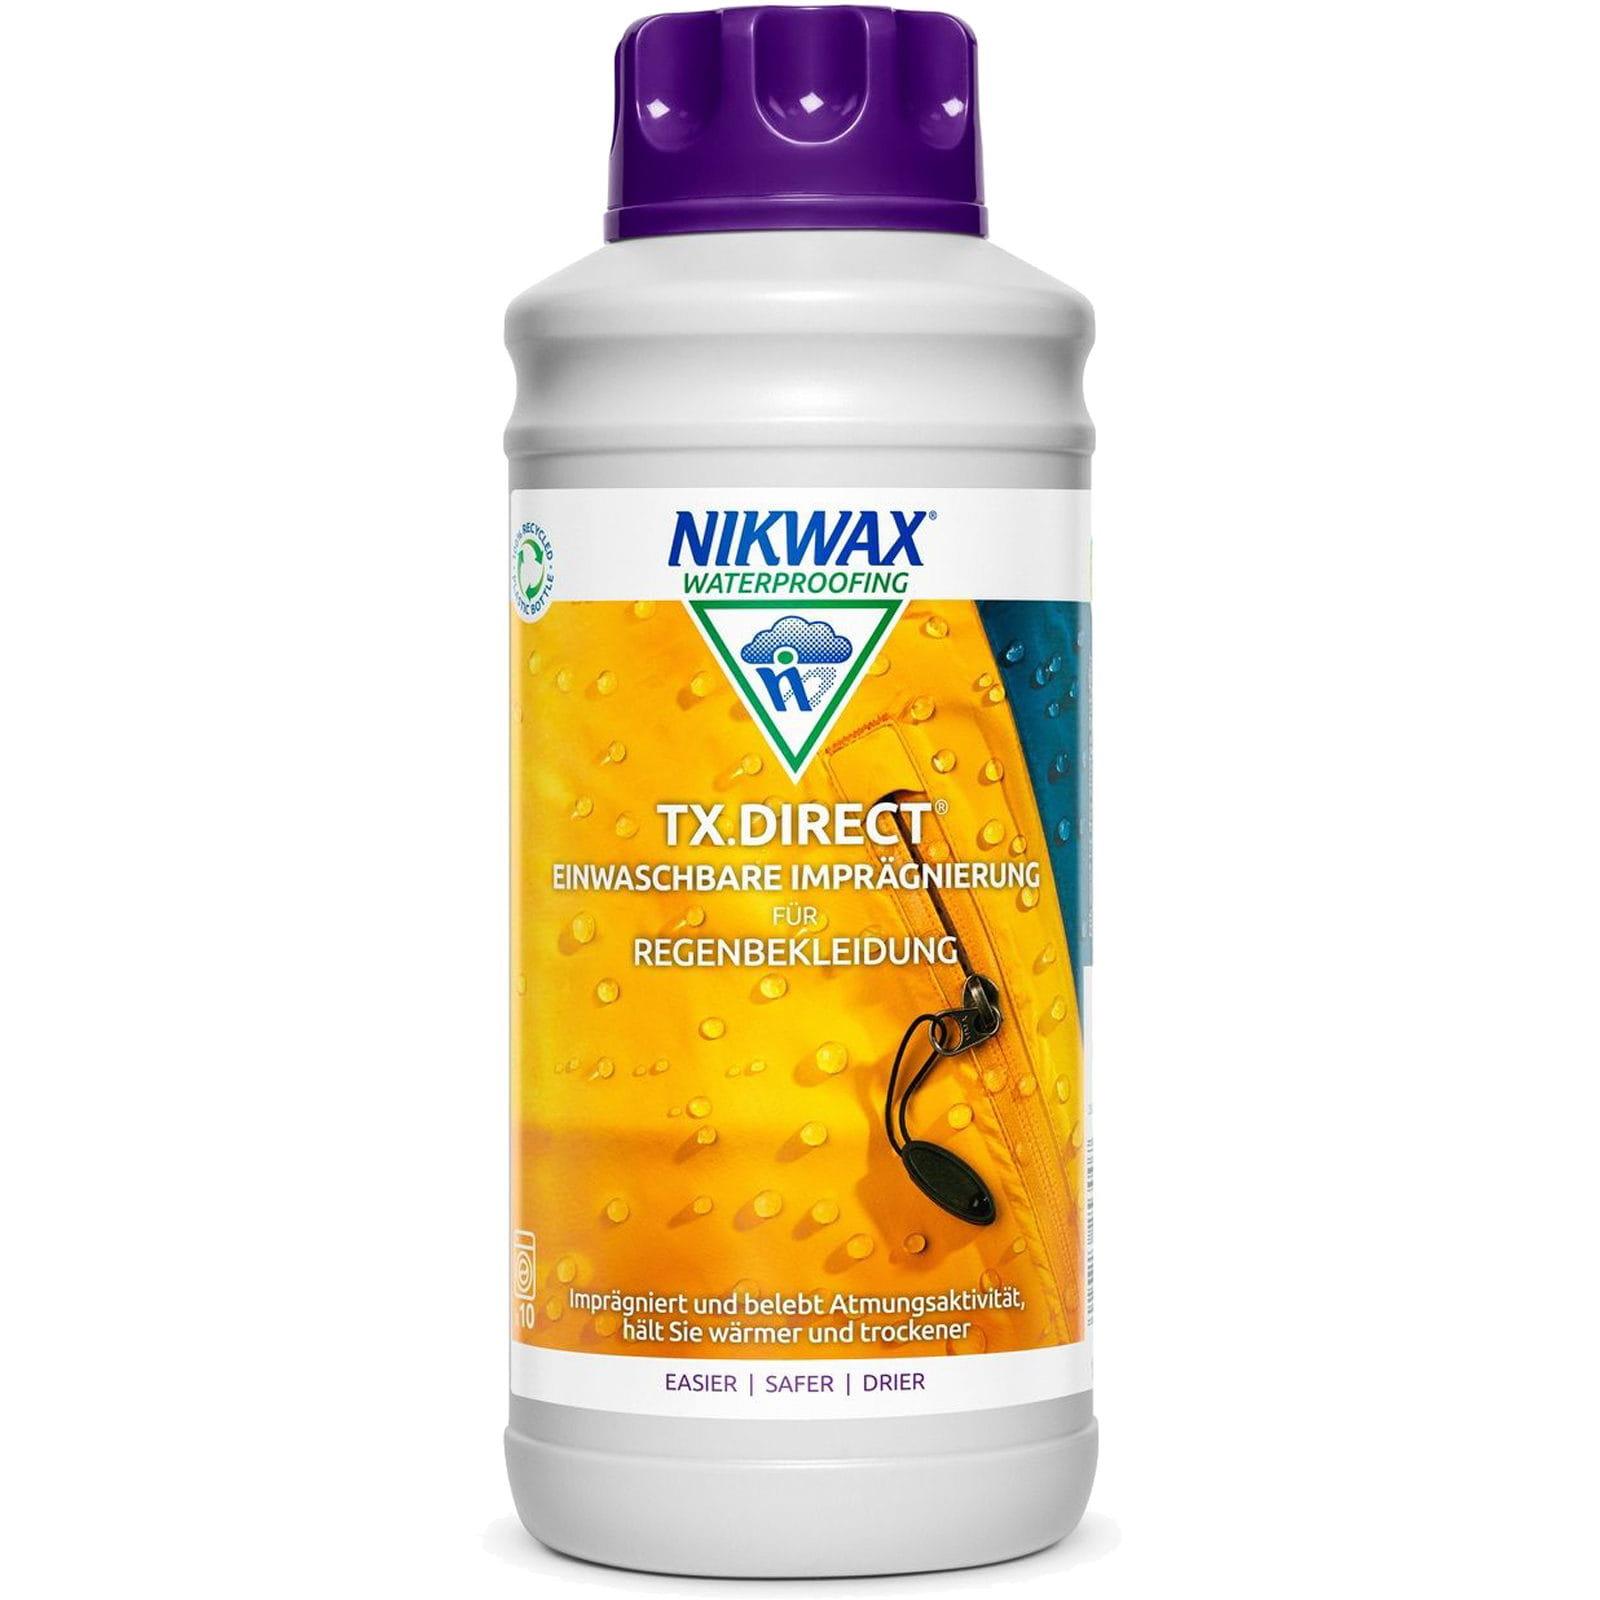 nikwax tx direct washin 1 liter g nstig online kaufen. Black Bedroom Furniture Sets. Home Design Ideas